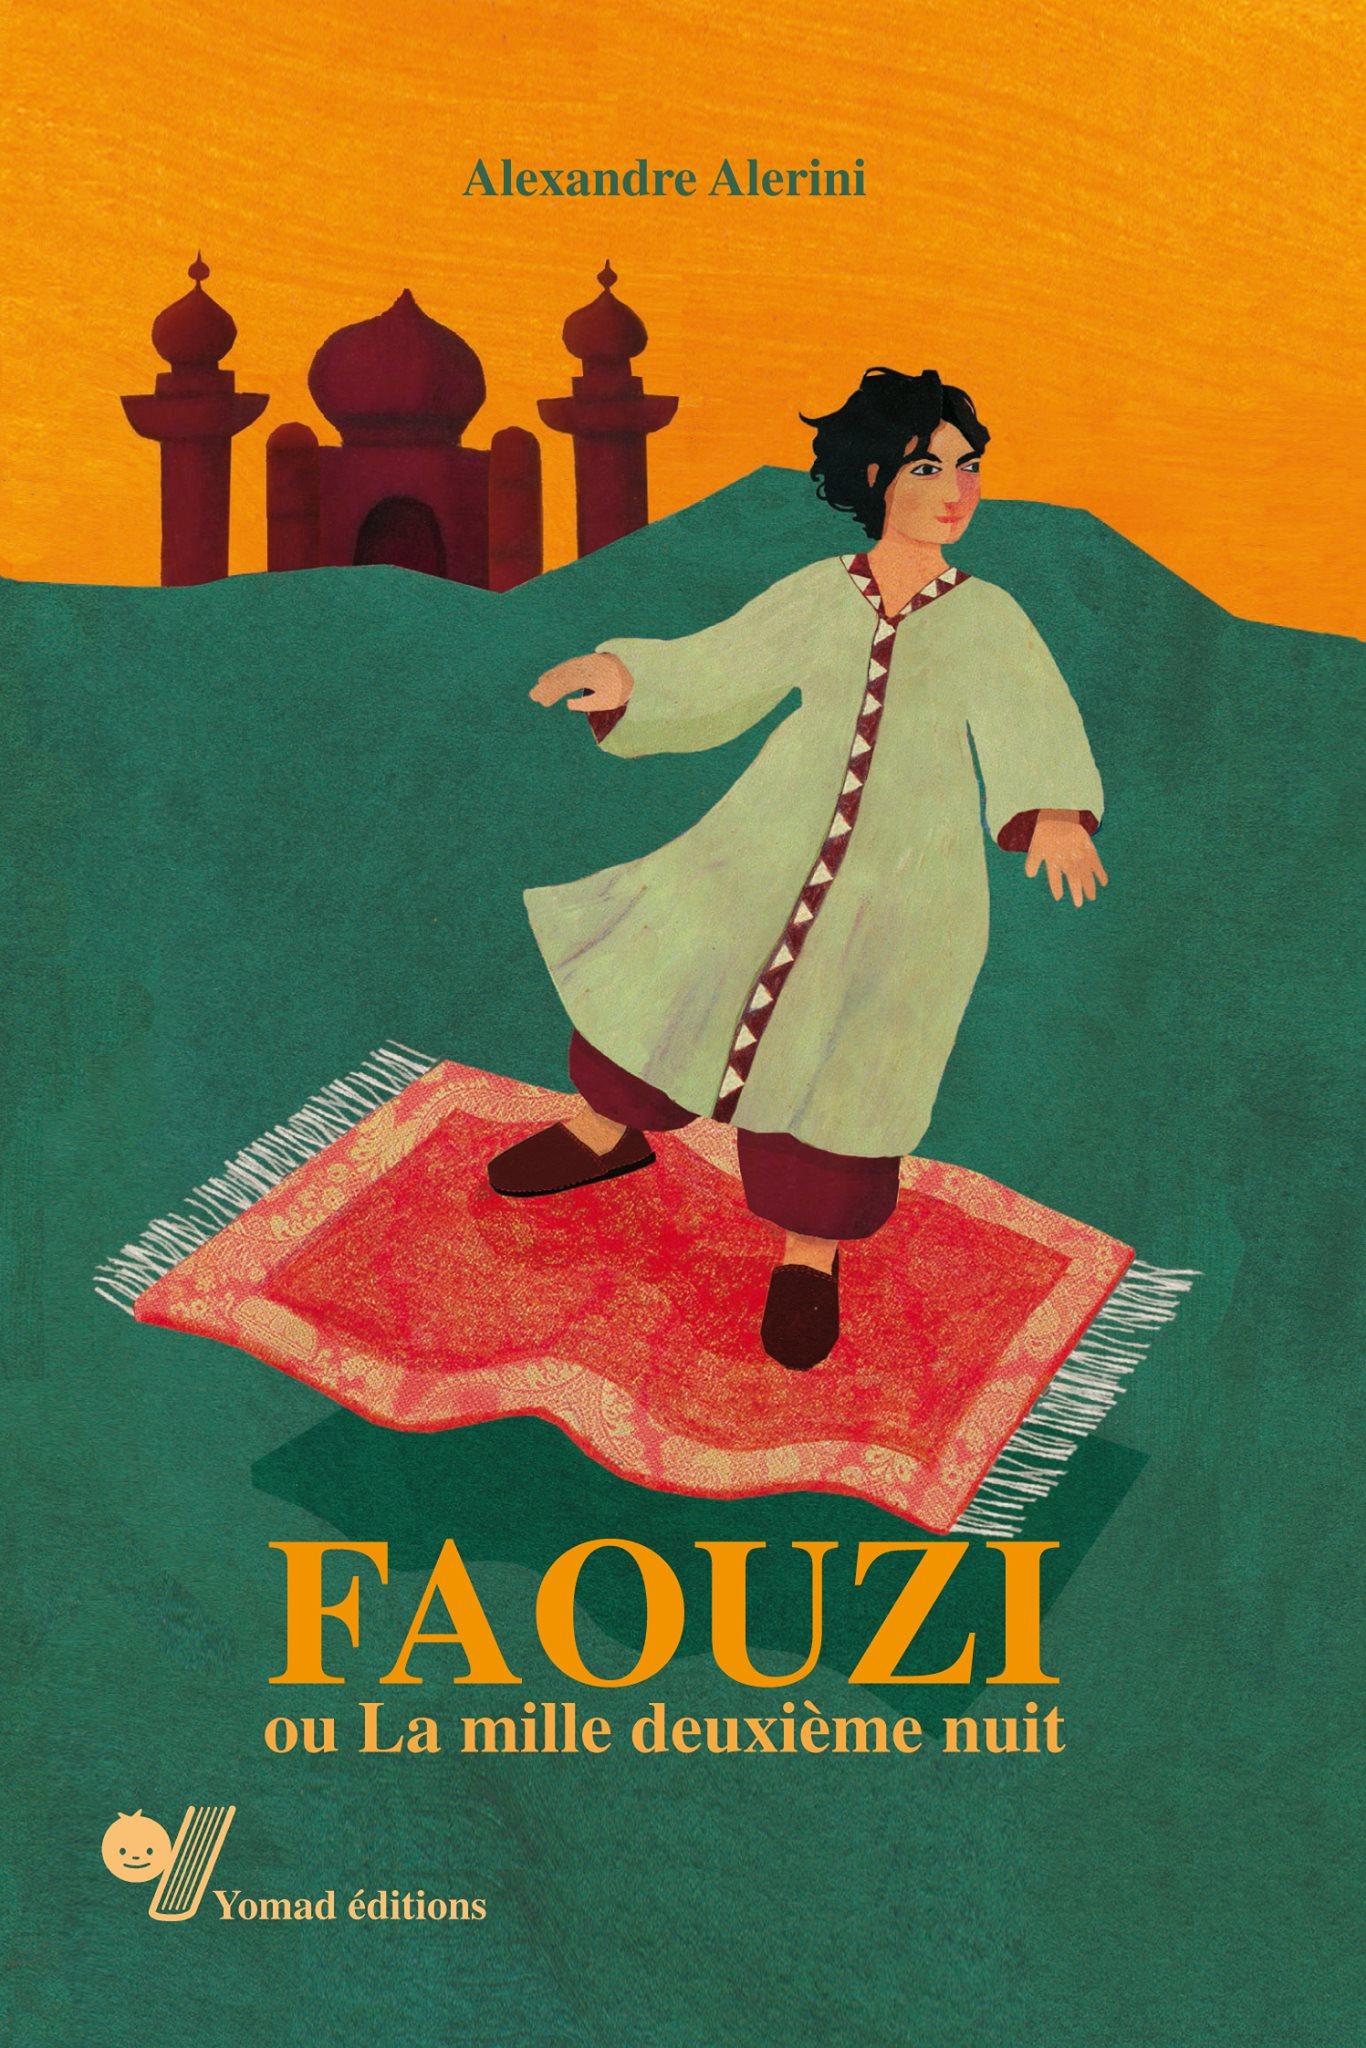 Faouzi et la mille deuxième nuit